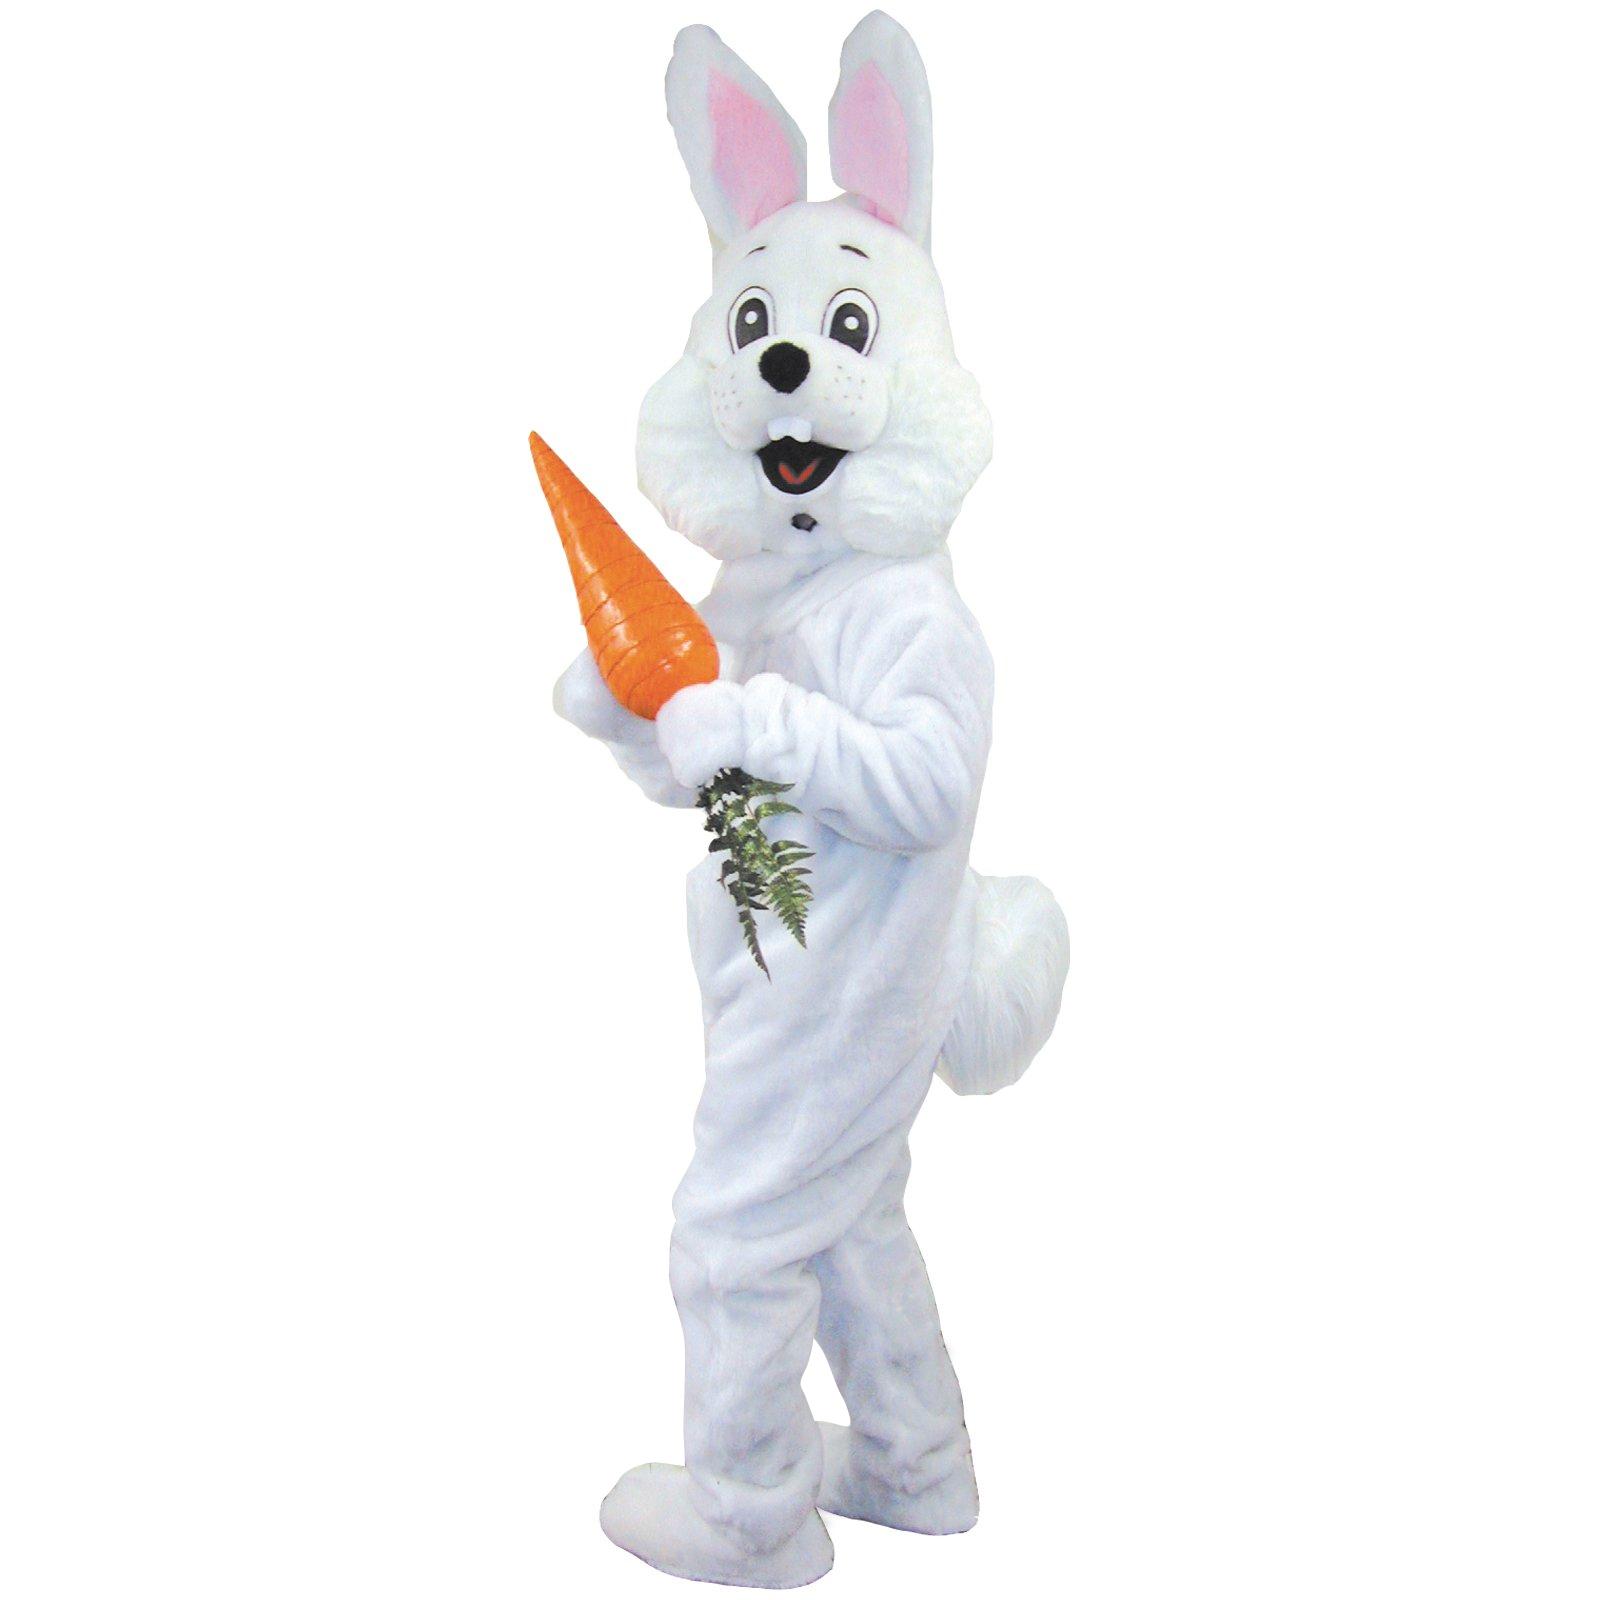 Eggert the Easter Bunny Costume